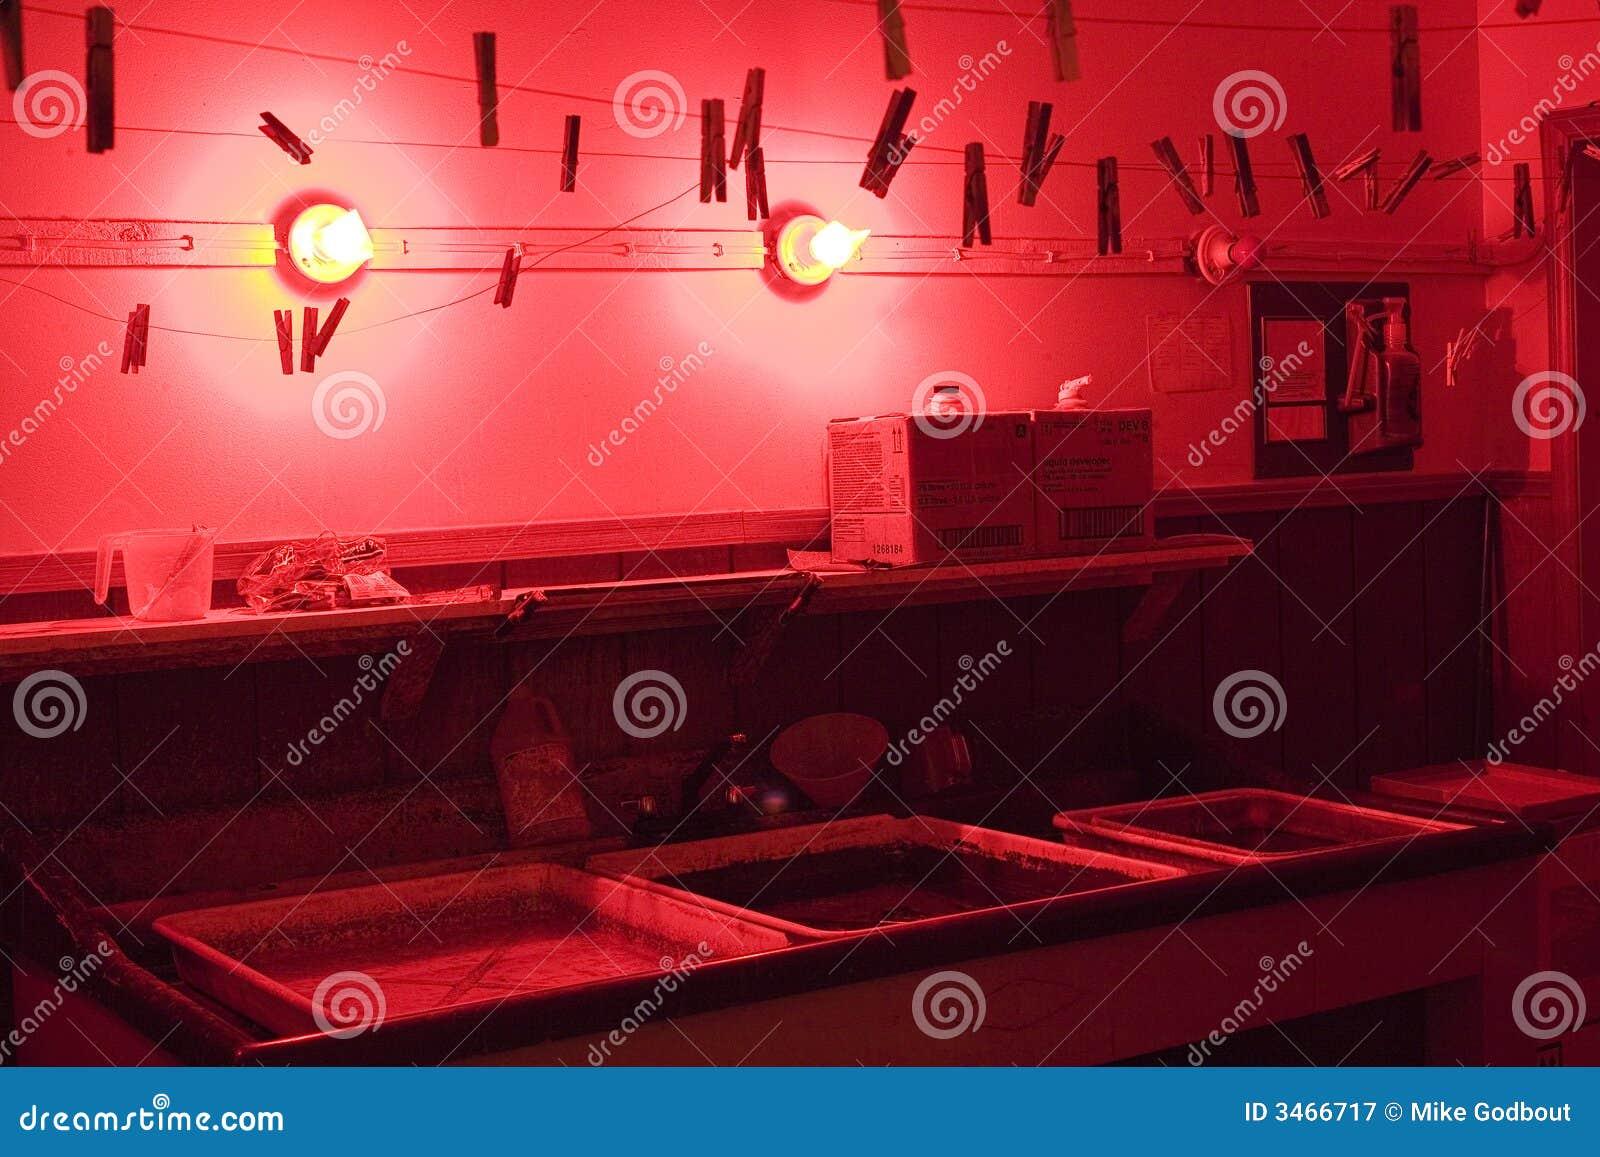 Cuarto oscuro fotograf a de archivo libre de regal as for Cuarto oscuro rayos x